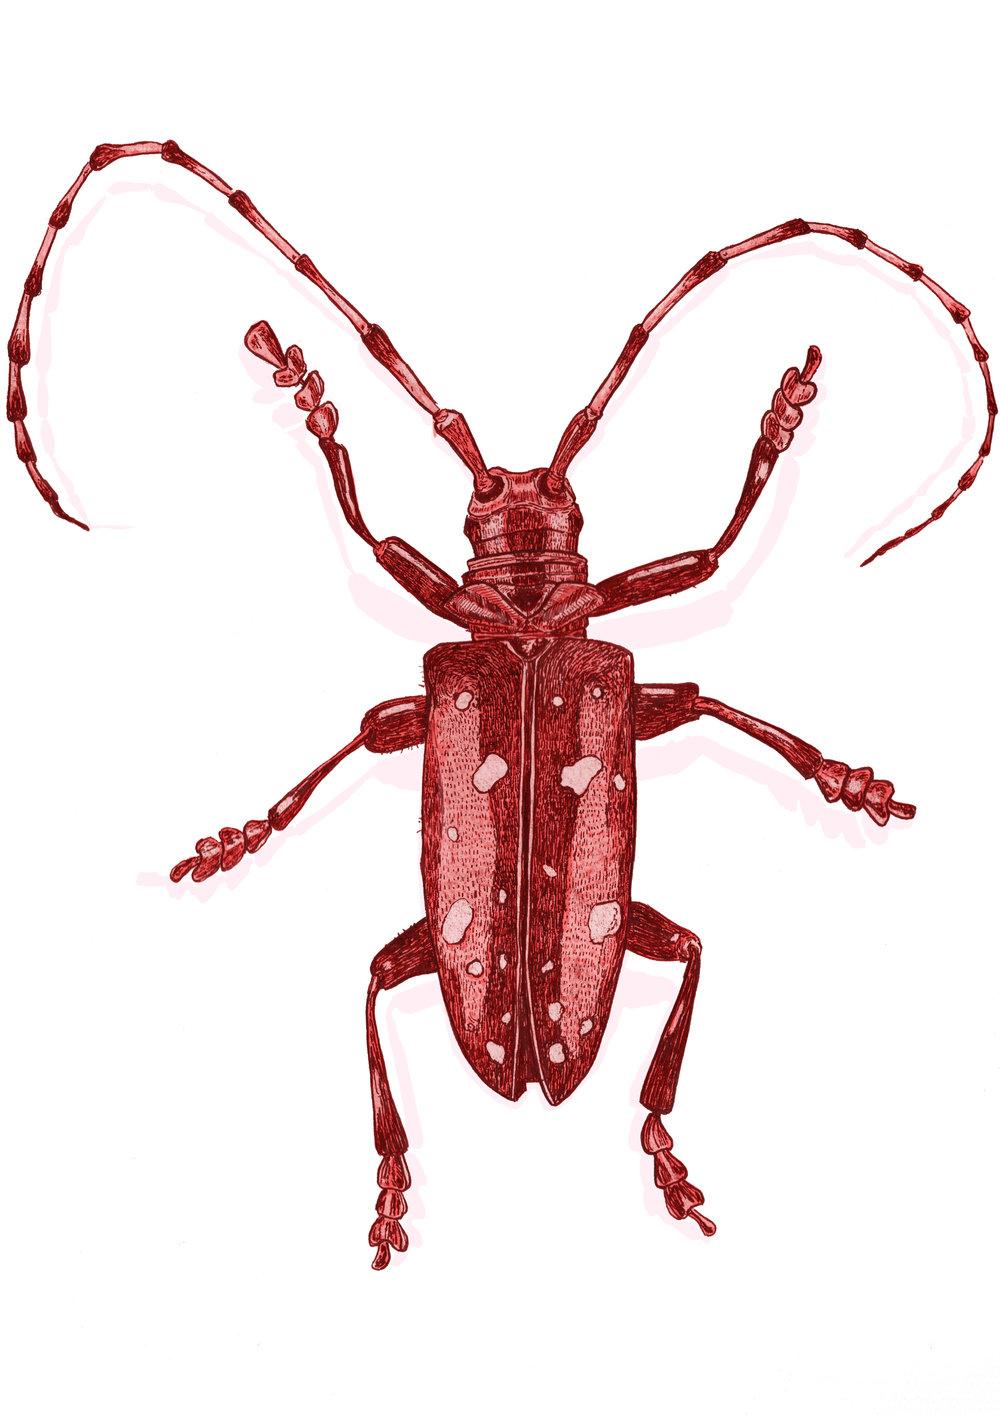 red beetle.jpg